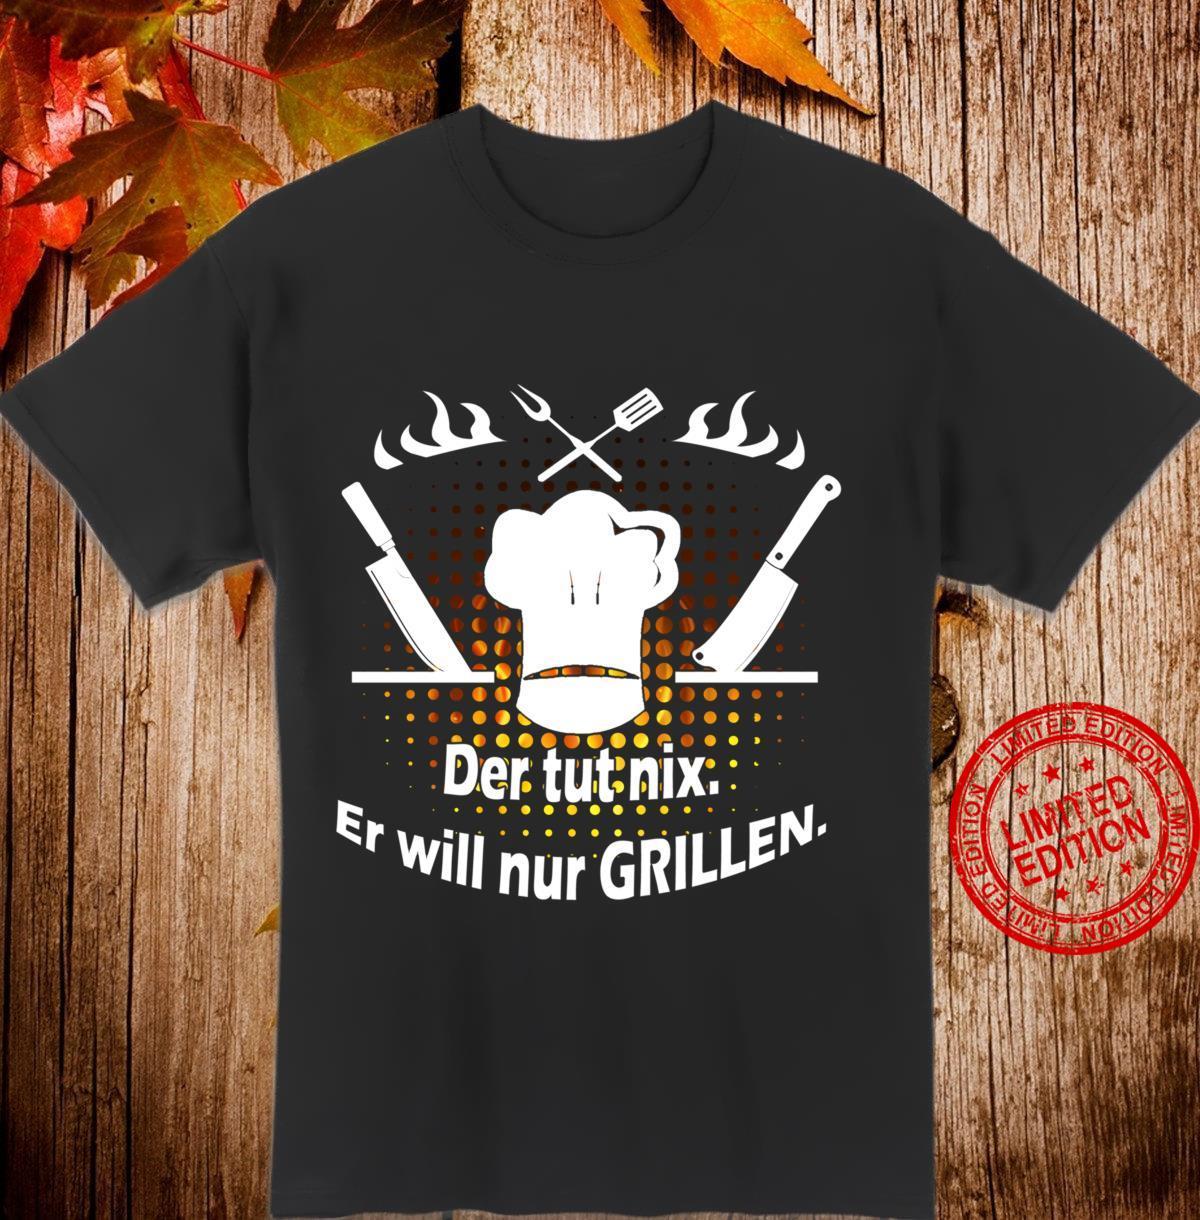 Der tut nix. Er will nur grillen. Lustiger Grill Spruch. Langarmshirt Shirt